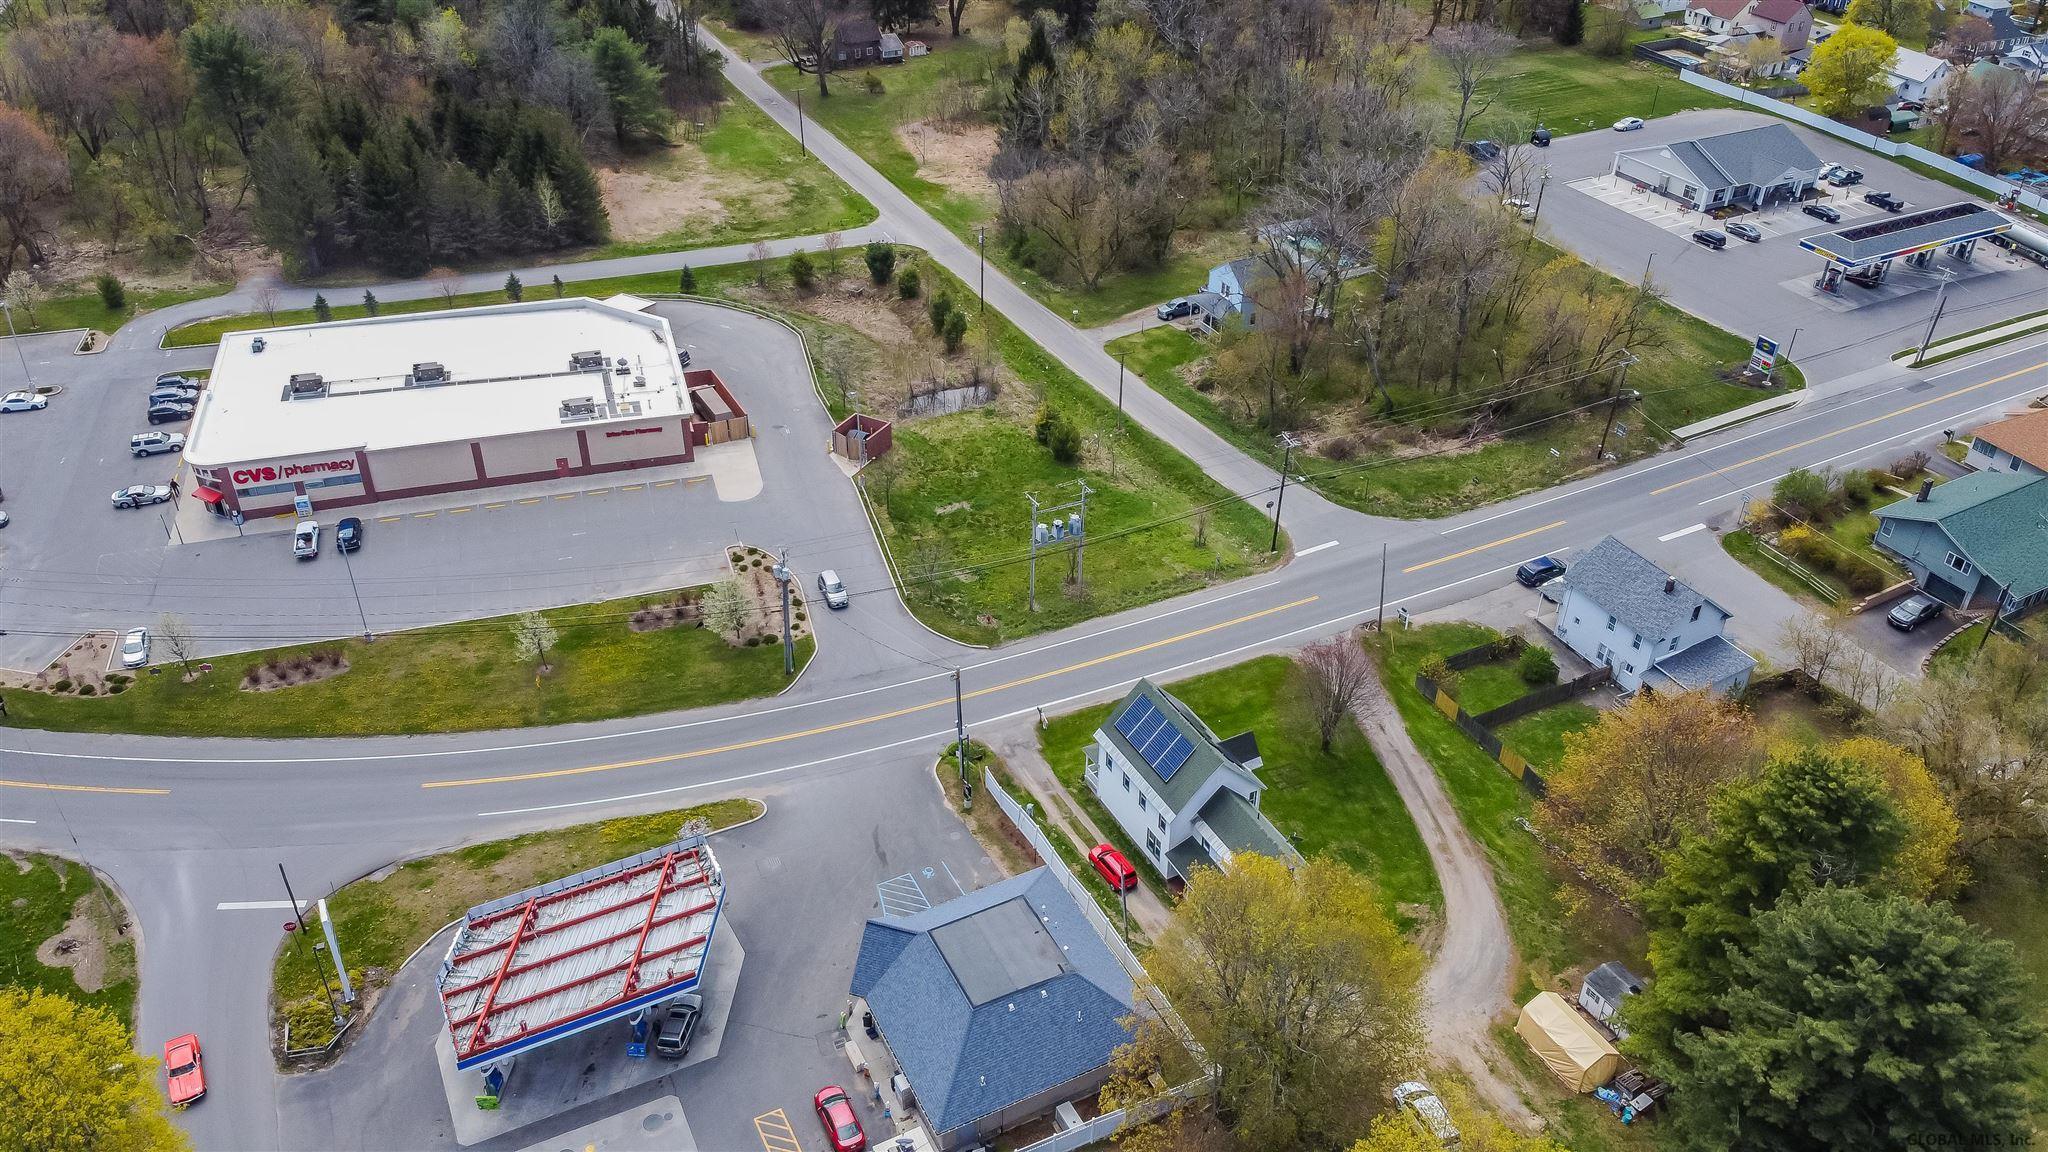 Gloversville image 44